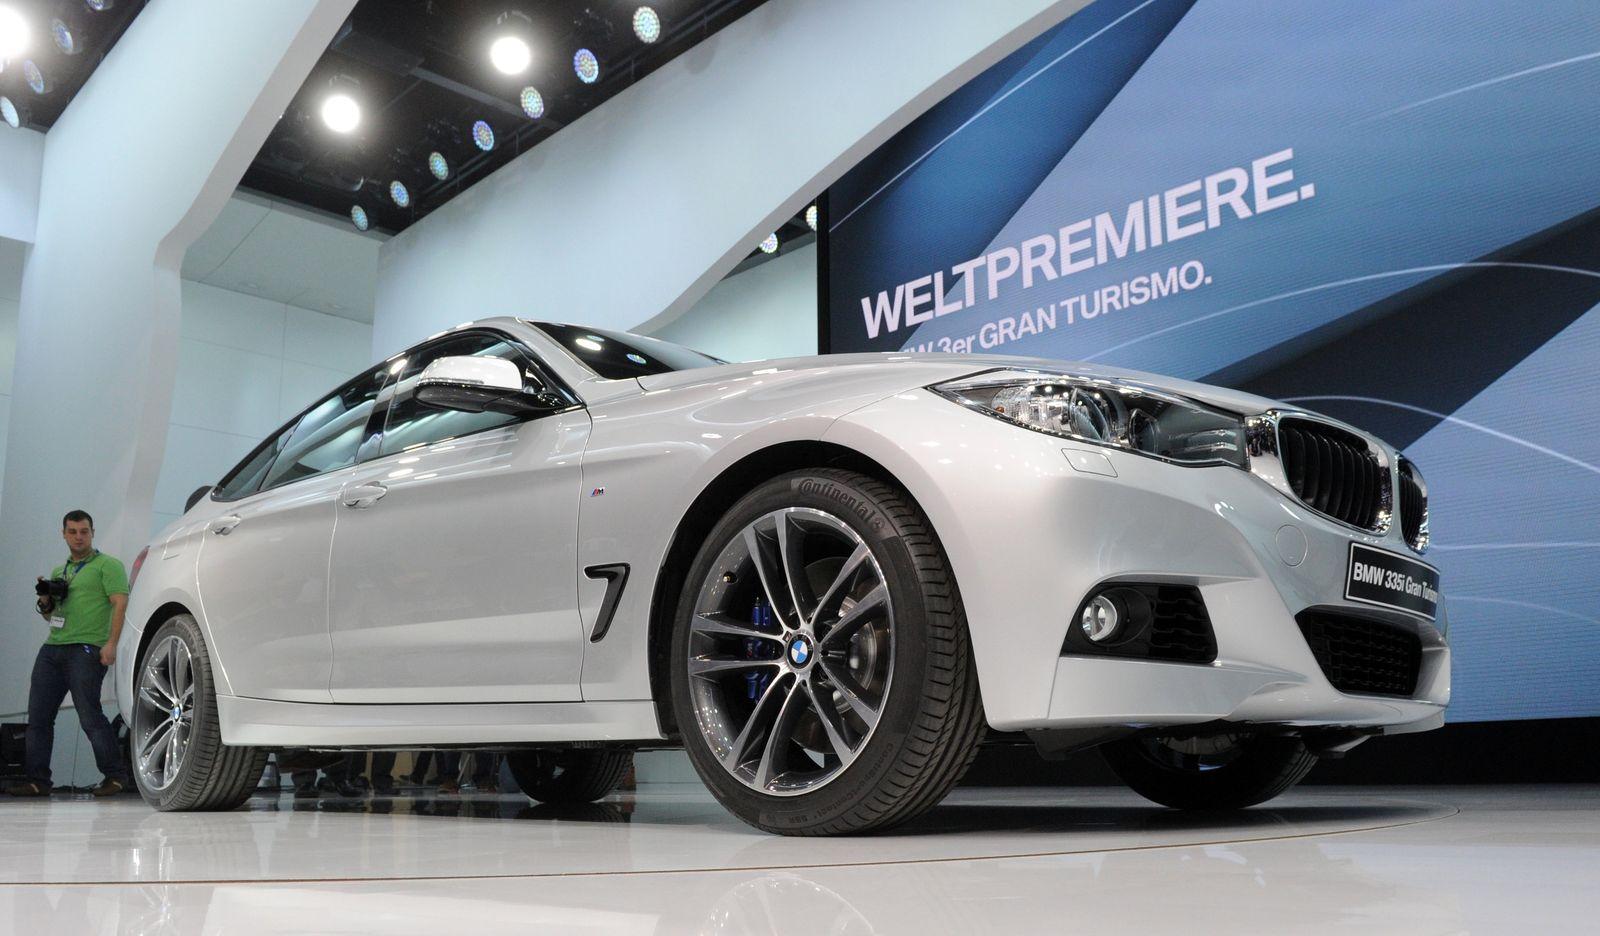 Genf 2013 / Rundgang / BMW 3er Gran Turismo